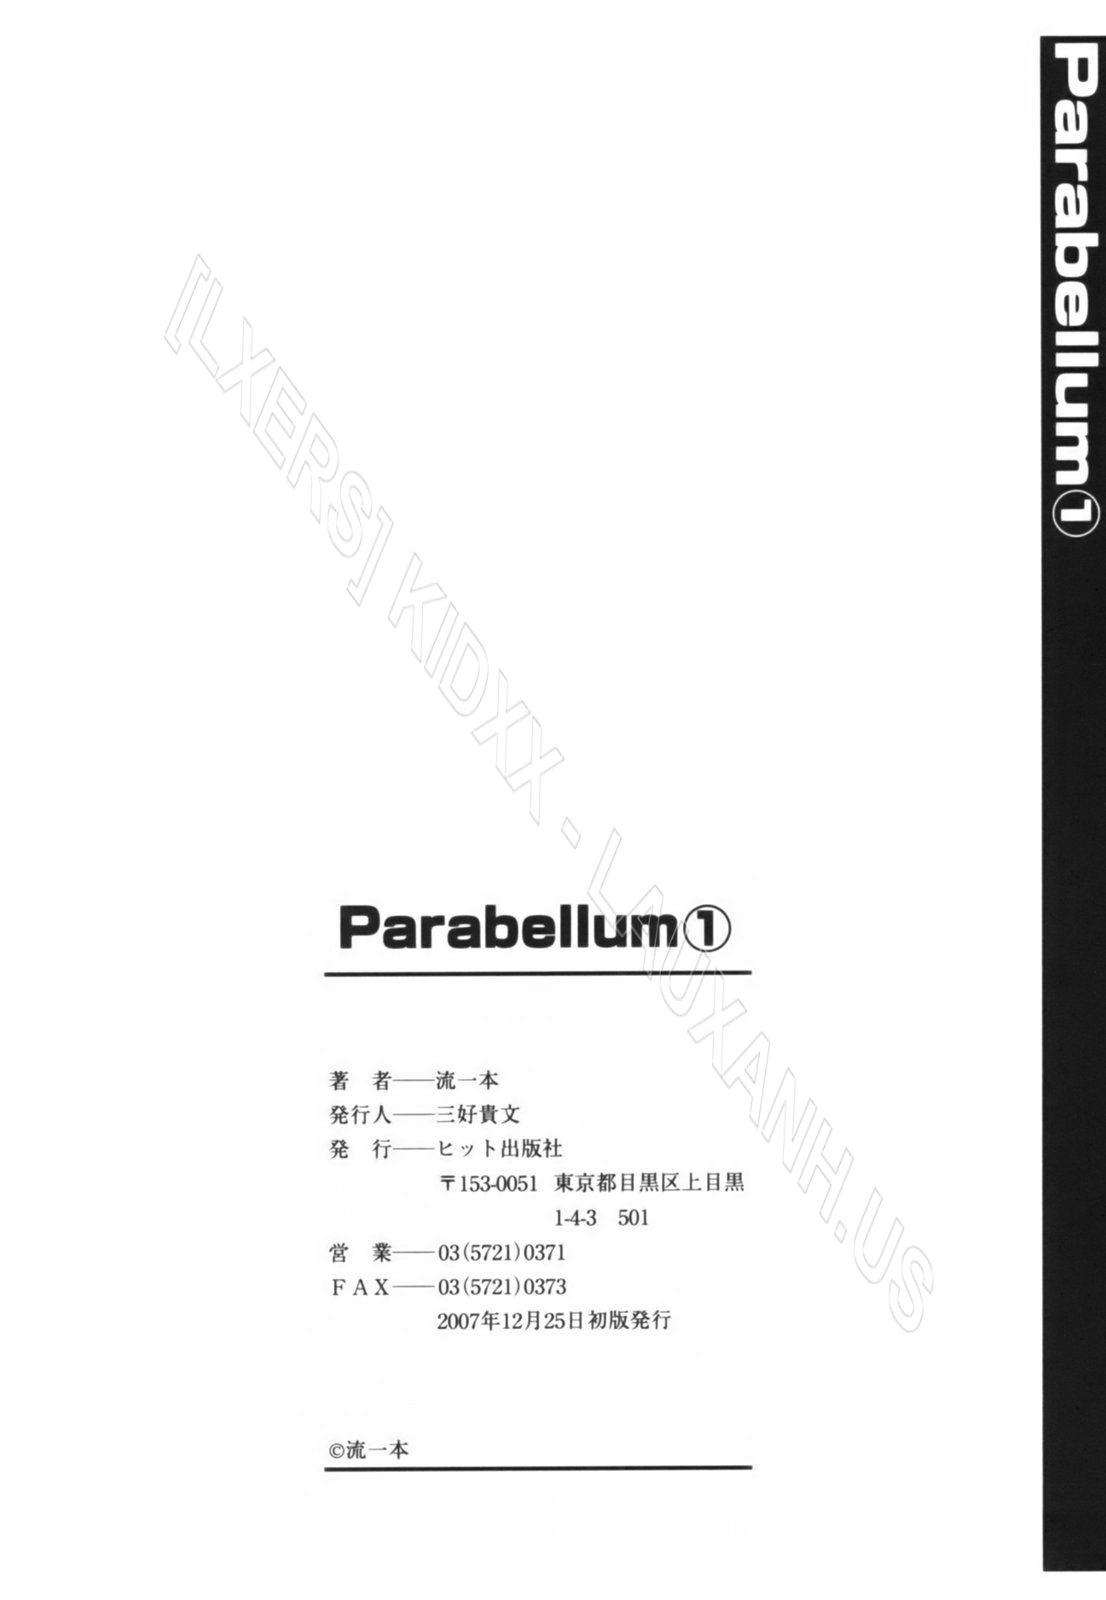 Hình ảnh Hinh_030 trong bài viết Truyện tranh hentai không che: Parabellum